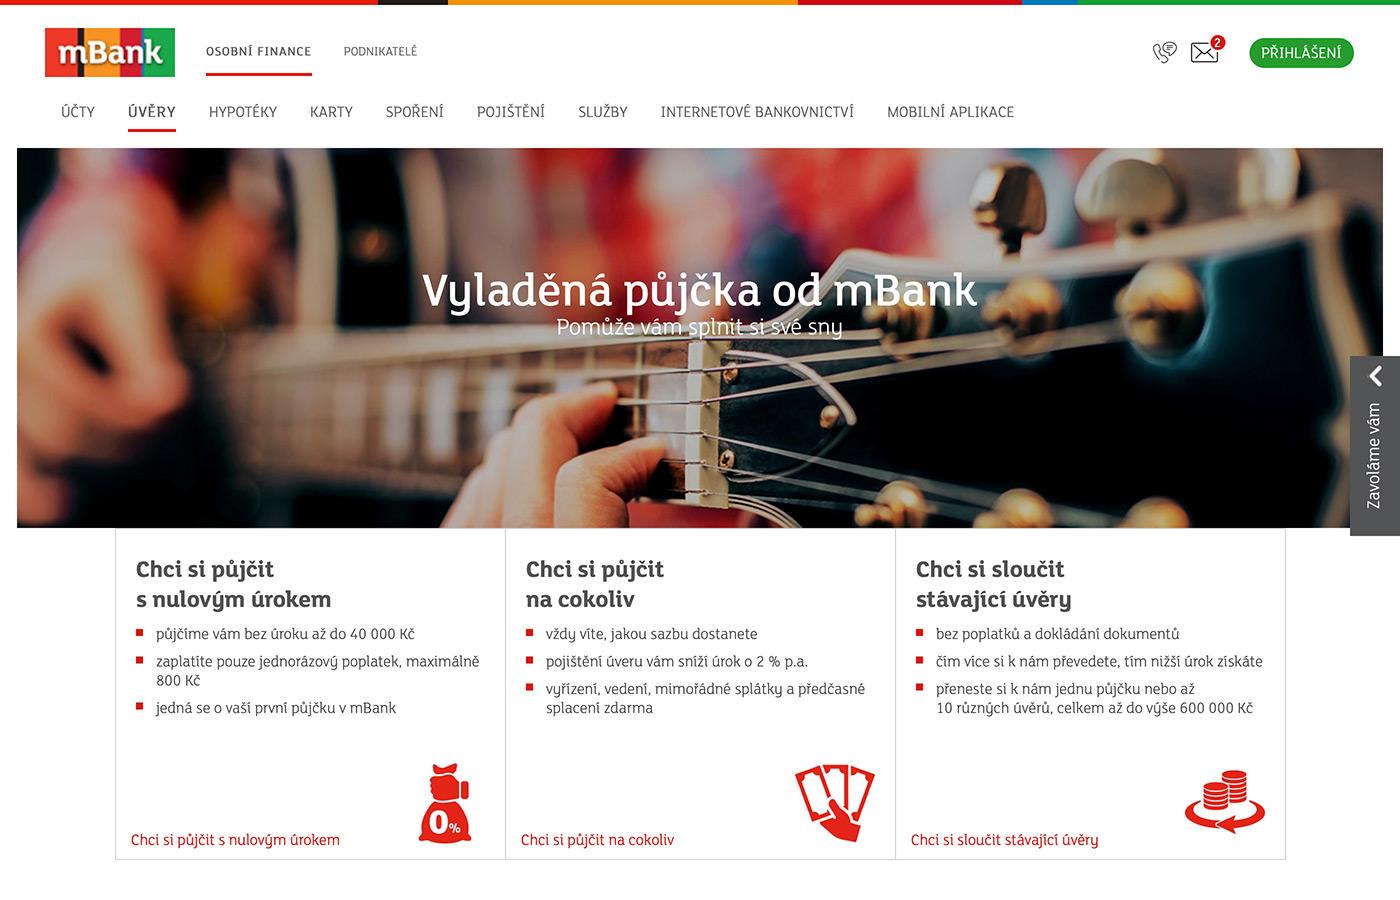 Náhled webových stránek www.mbank.cz/osobni/uvery/mpujcka/